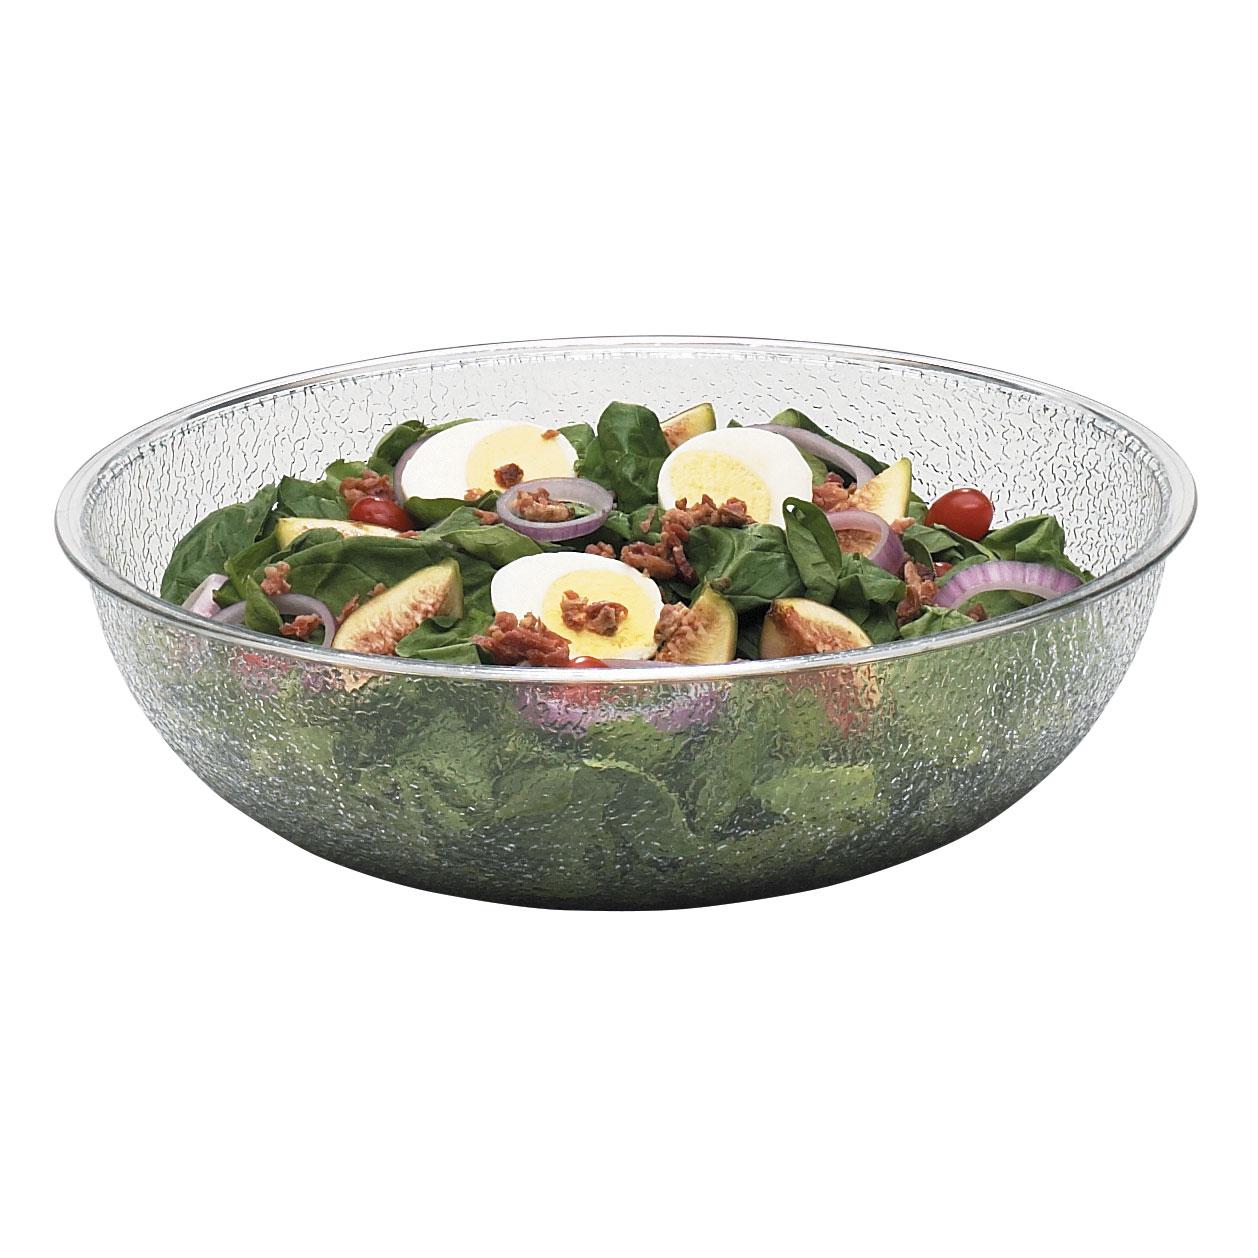 Cambro PSB12176 serving bowl, salad pasta, plastic